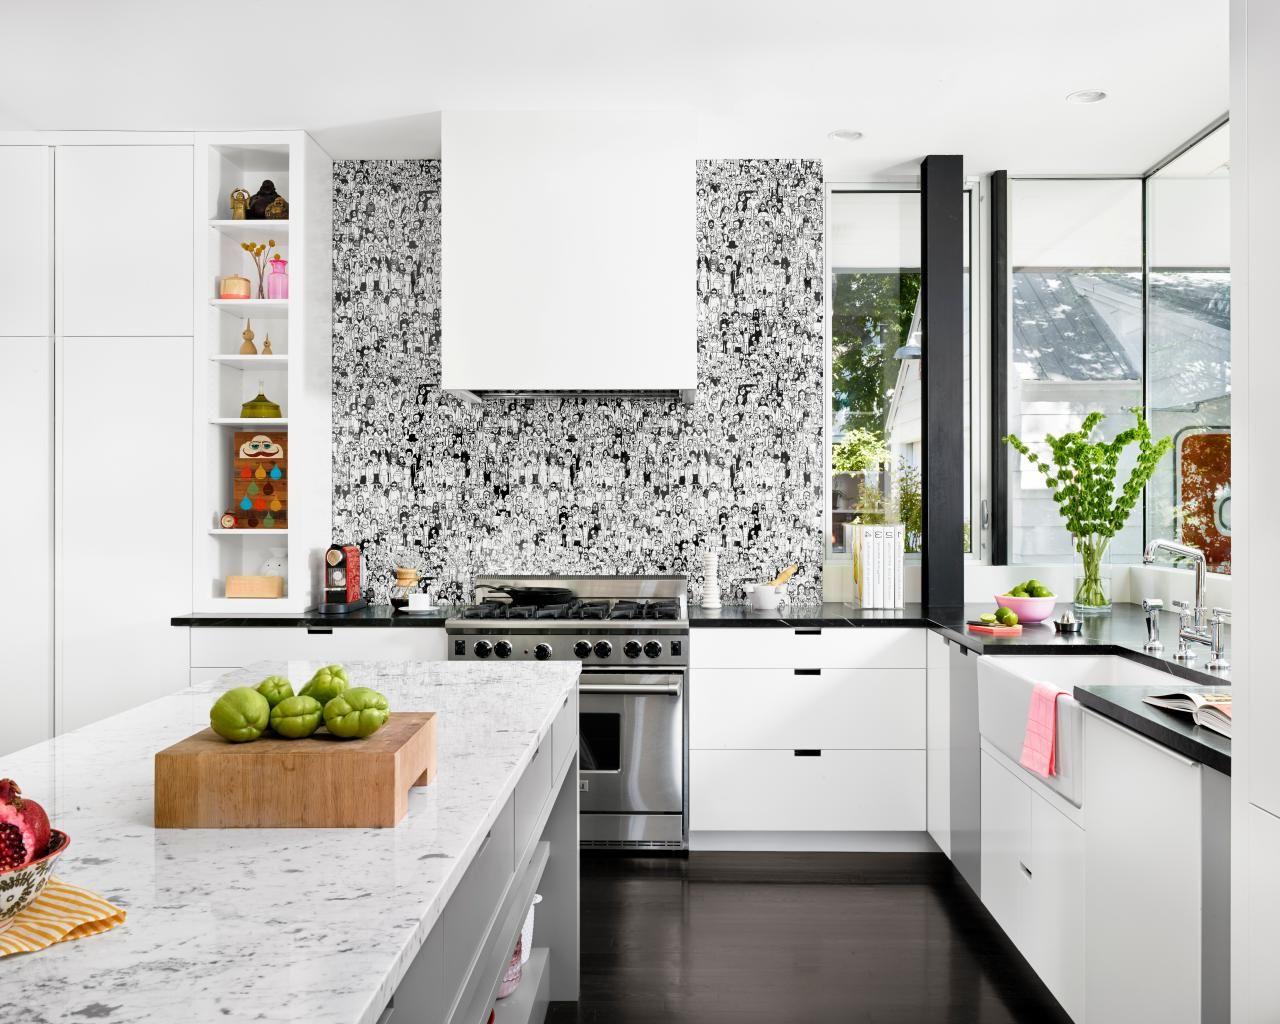 Black And White Kitchen Ideas Home Interior Design Contemporary Kitchen Kitchen Wallpaper Interior Design Kitchen